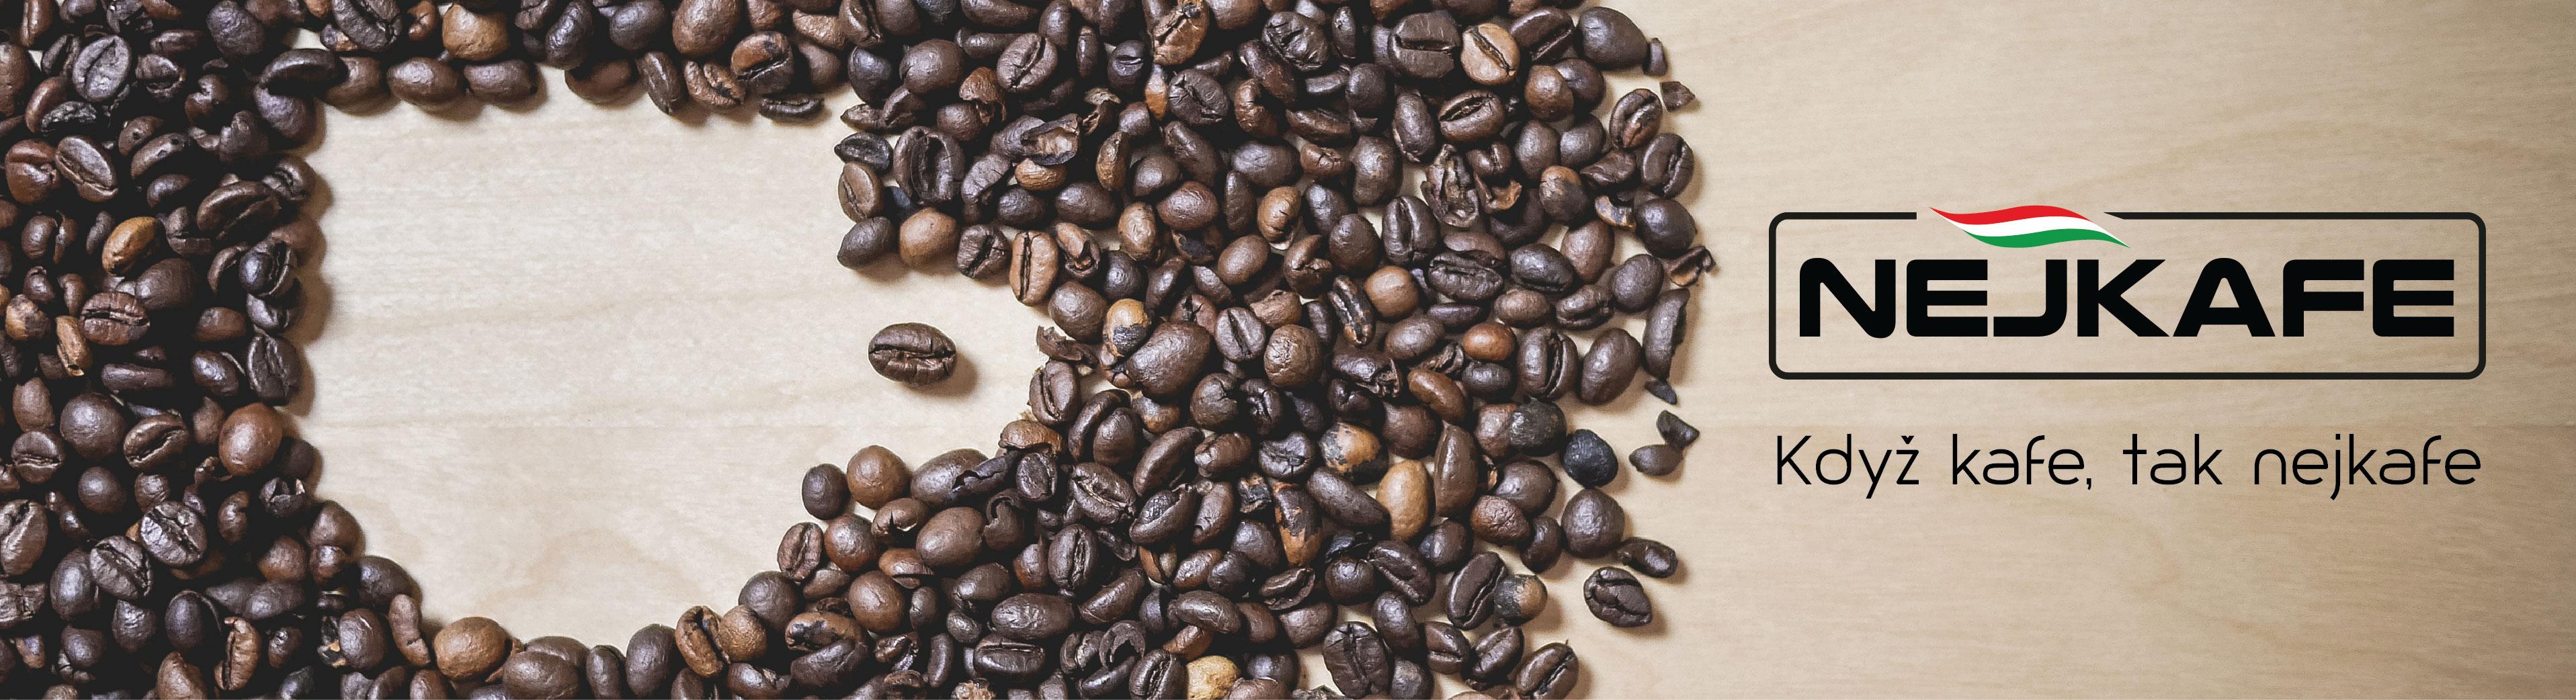 Nejkafe hrnek kávový